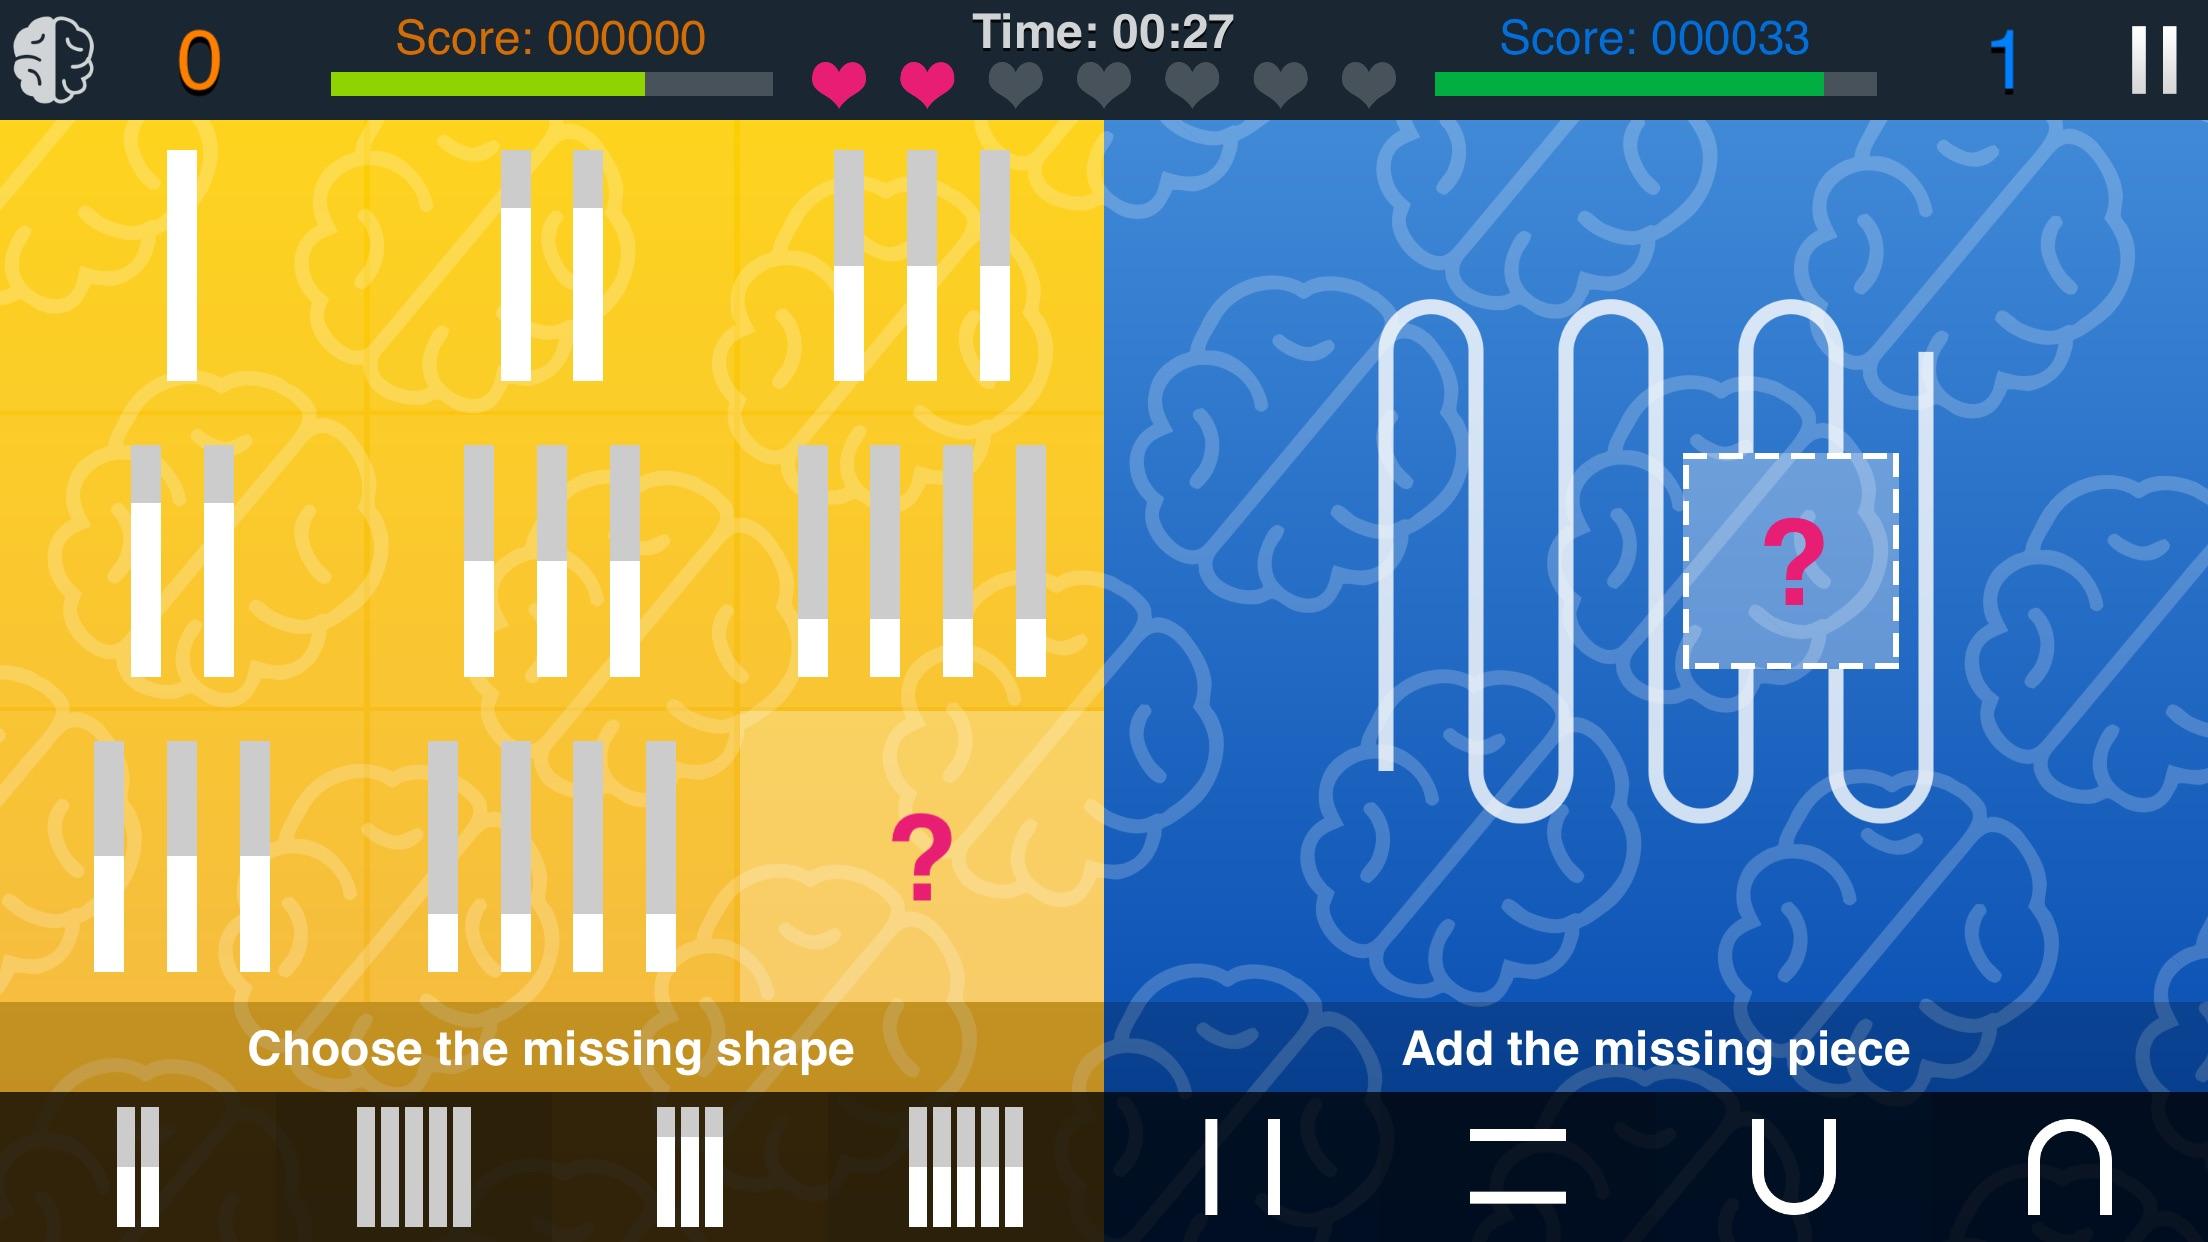 2 Things at Once Screenshot